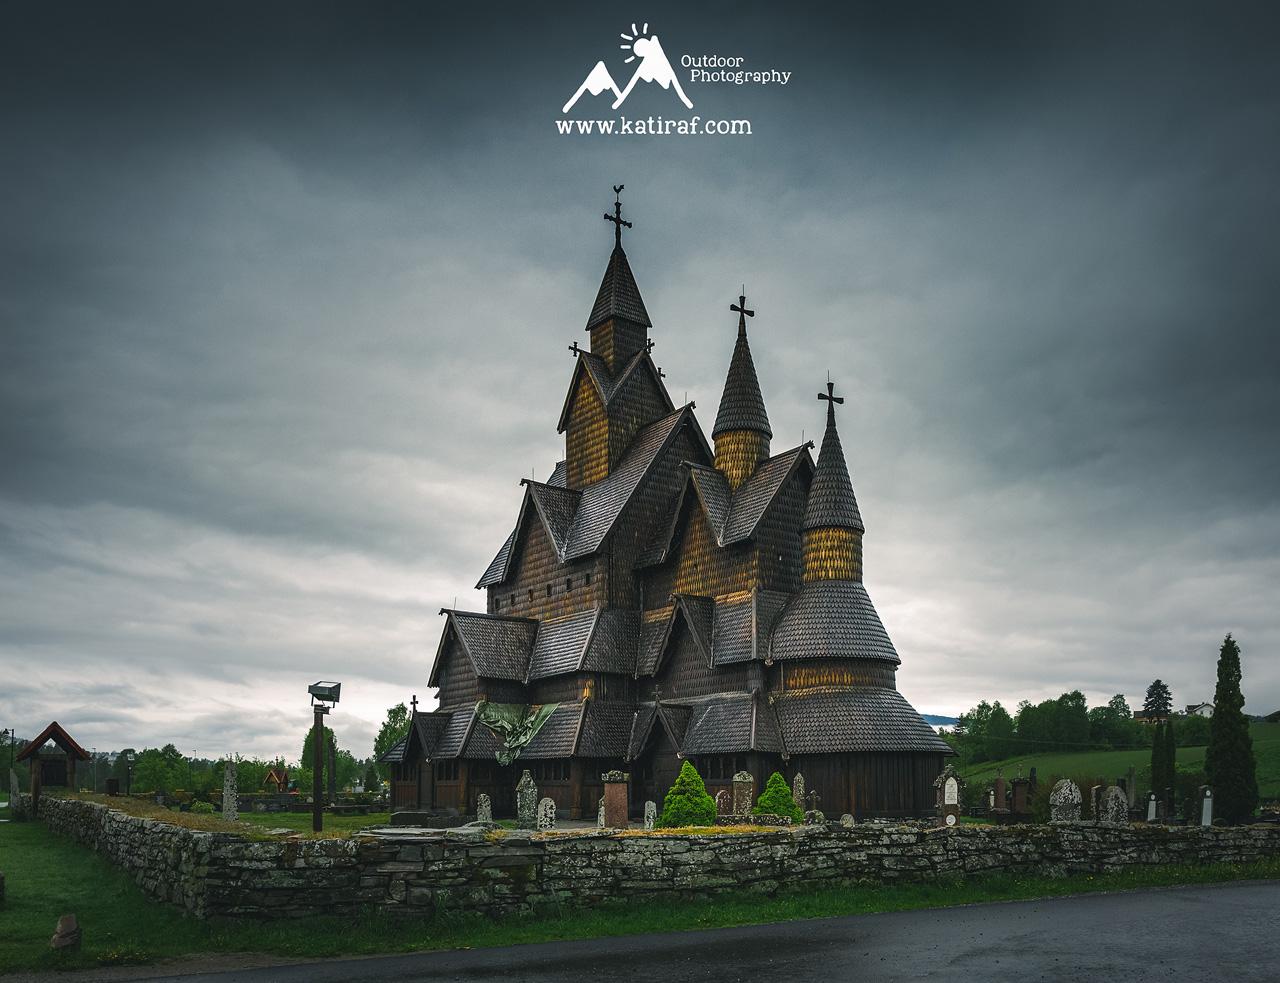 Kościół klepkowy w Heddal, Norwegia (Maj 2016) www.katiraf.com